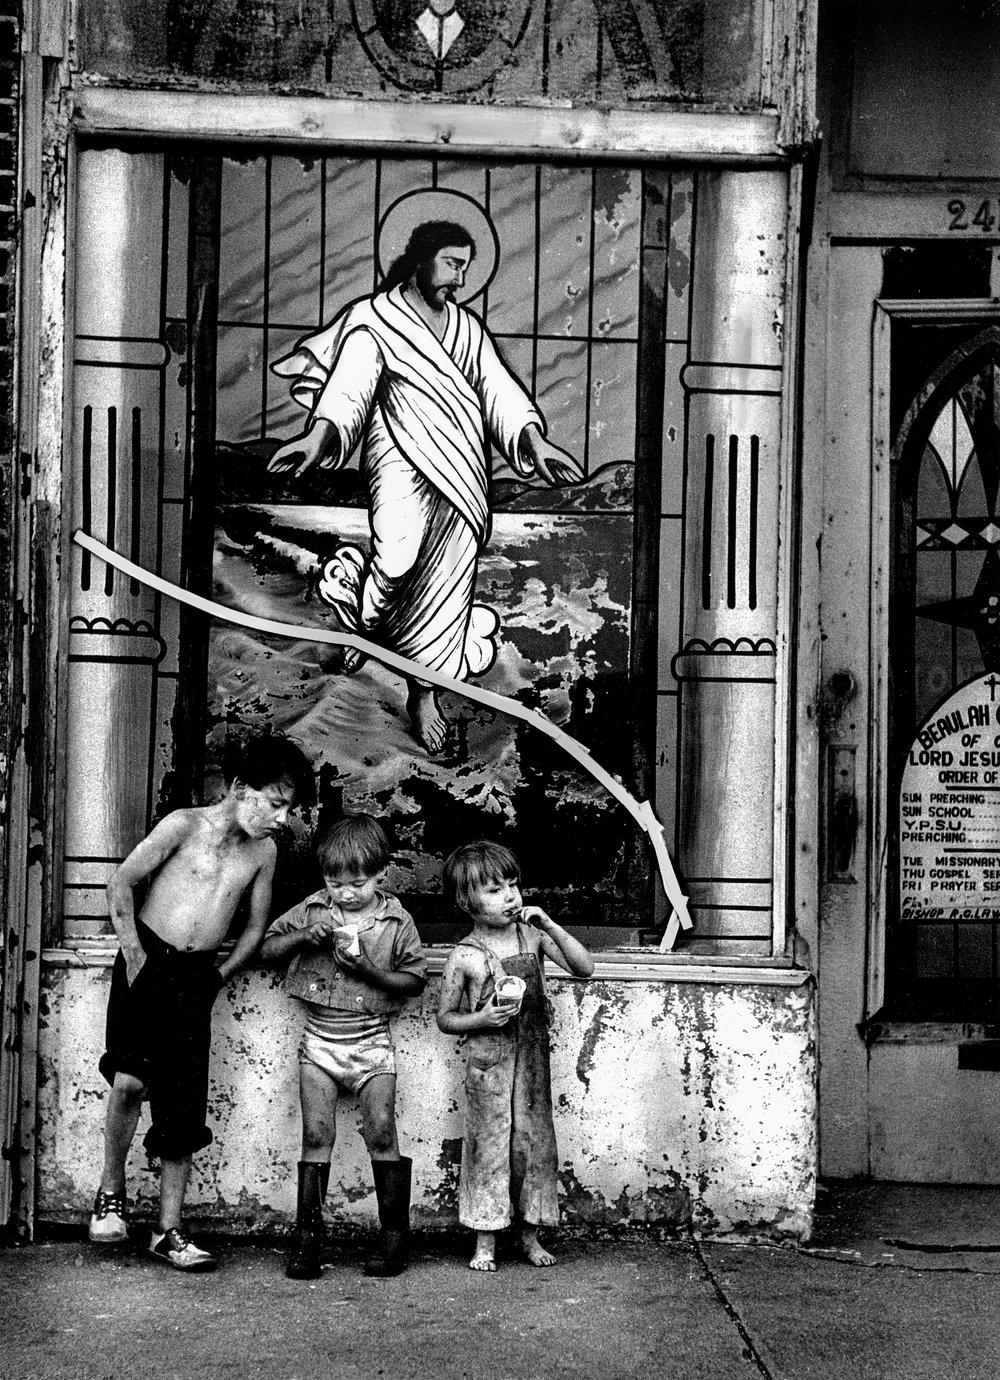 CL-050_Broken_Christ_With_Children_Coney_Island_1950.jpg